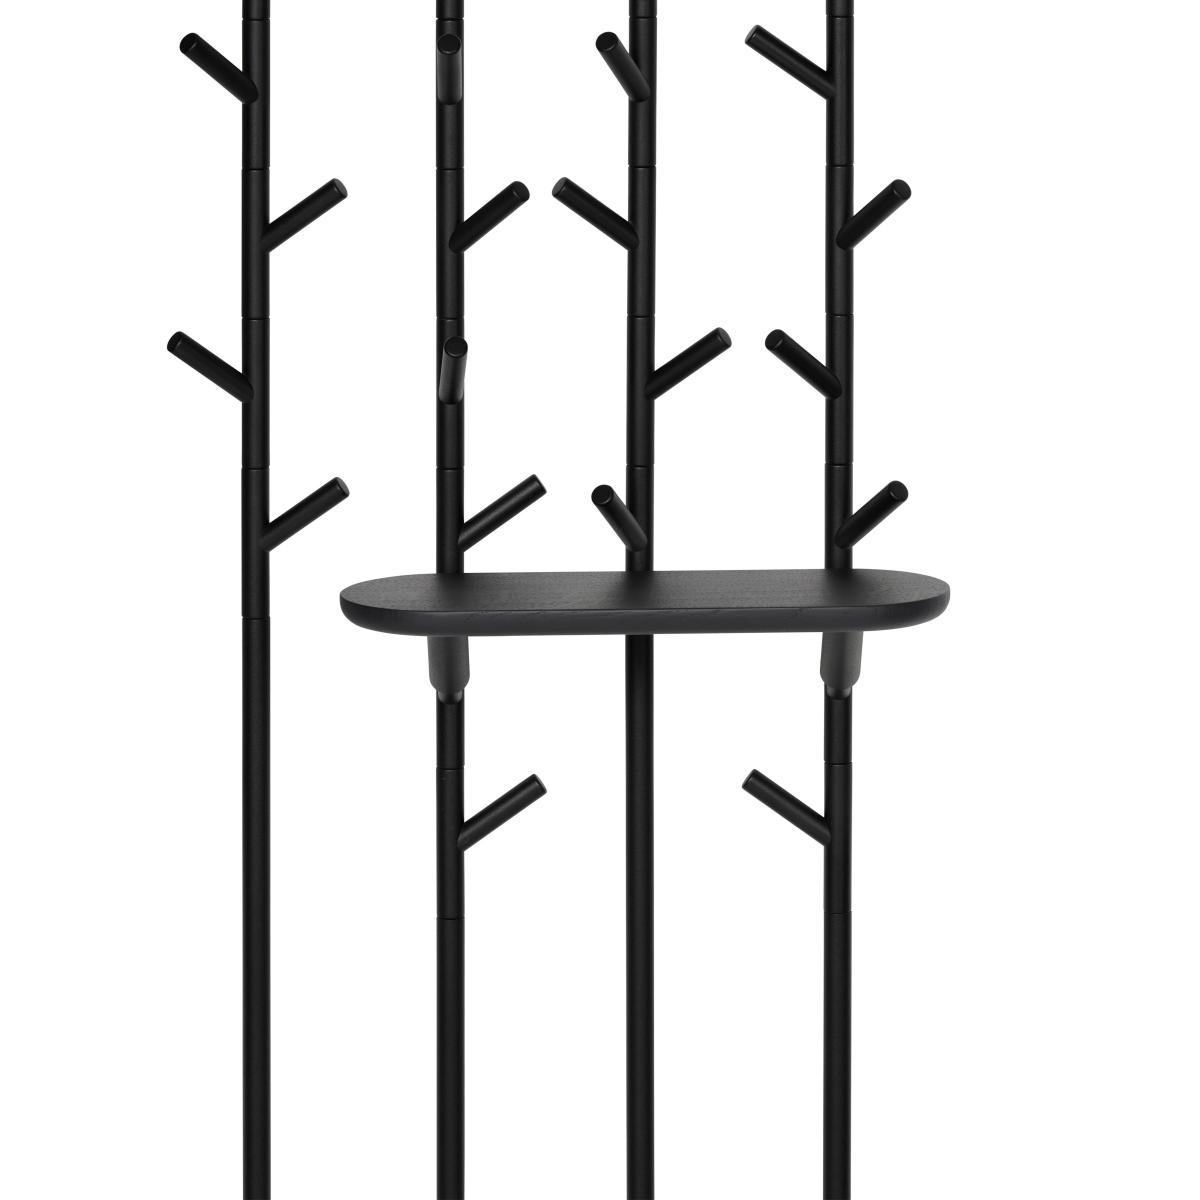 SUMI Wandgarderobe mit Zubehör lange Ablage in schwarz offenporig